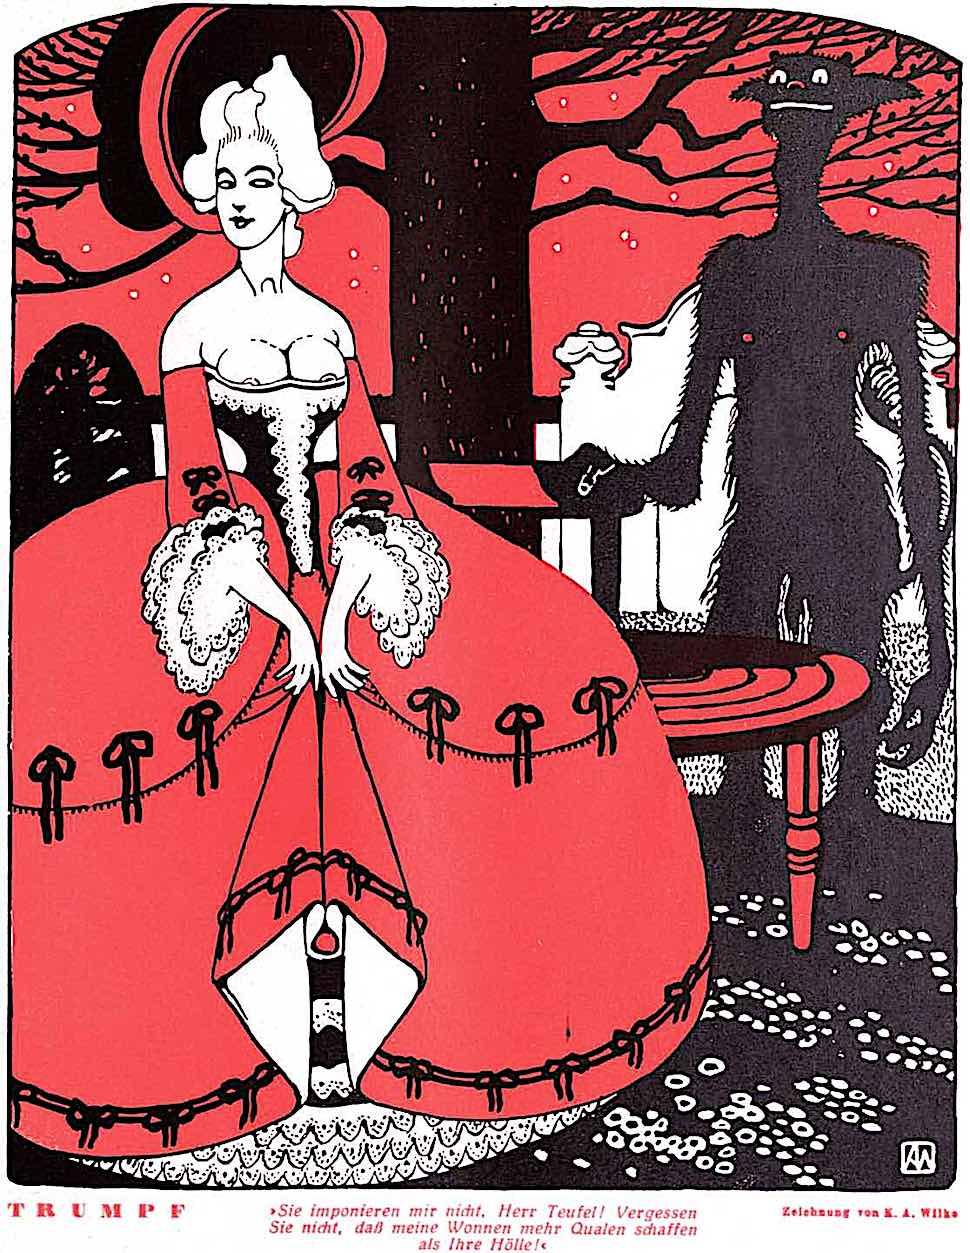 Karl Alexander Wilke 1926, Trumpf, demon lust in red